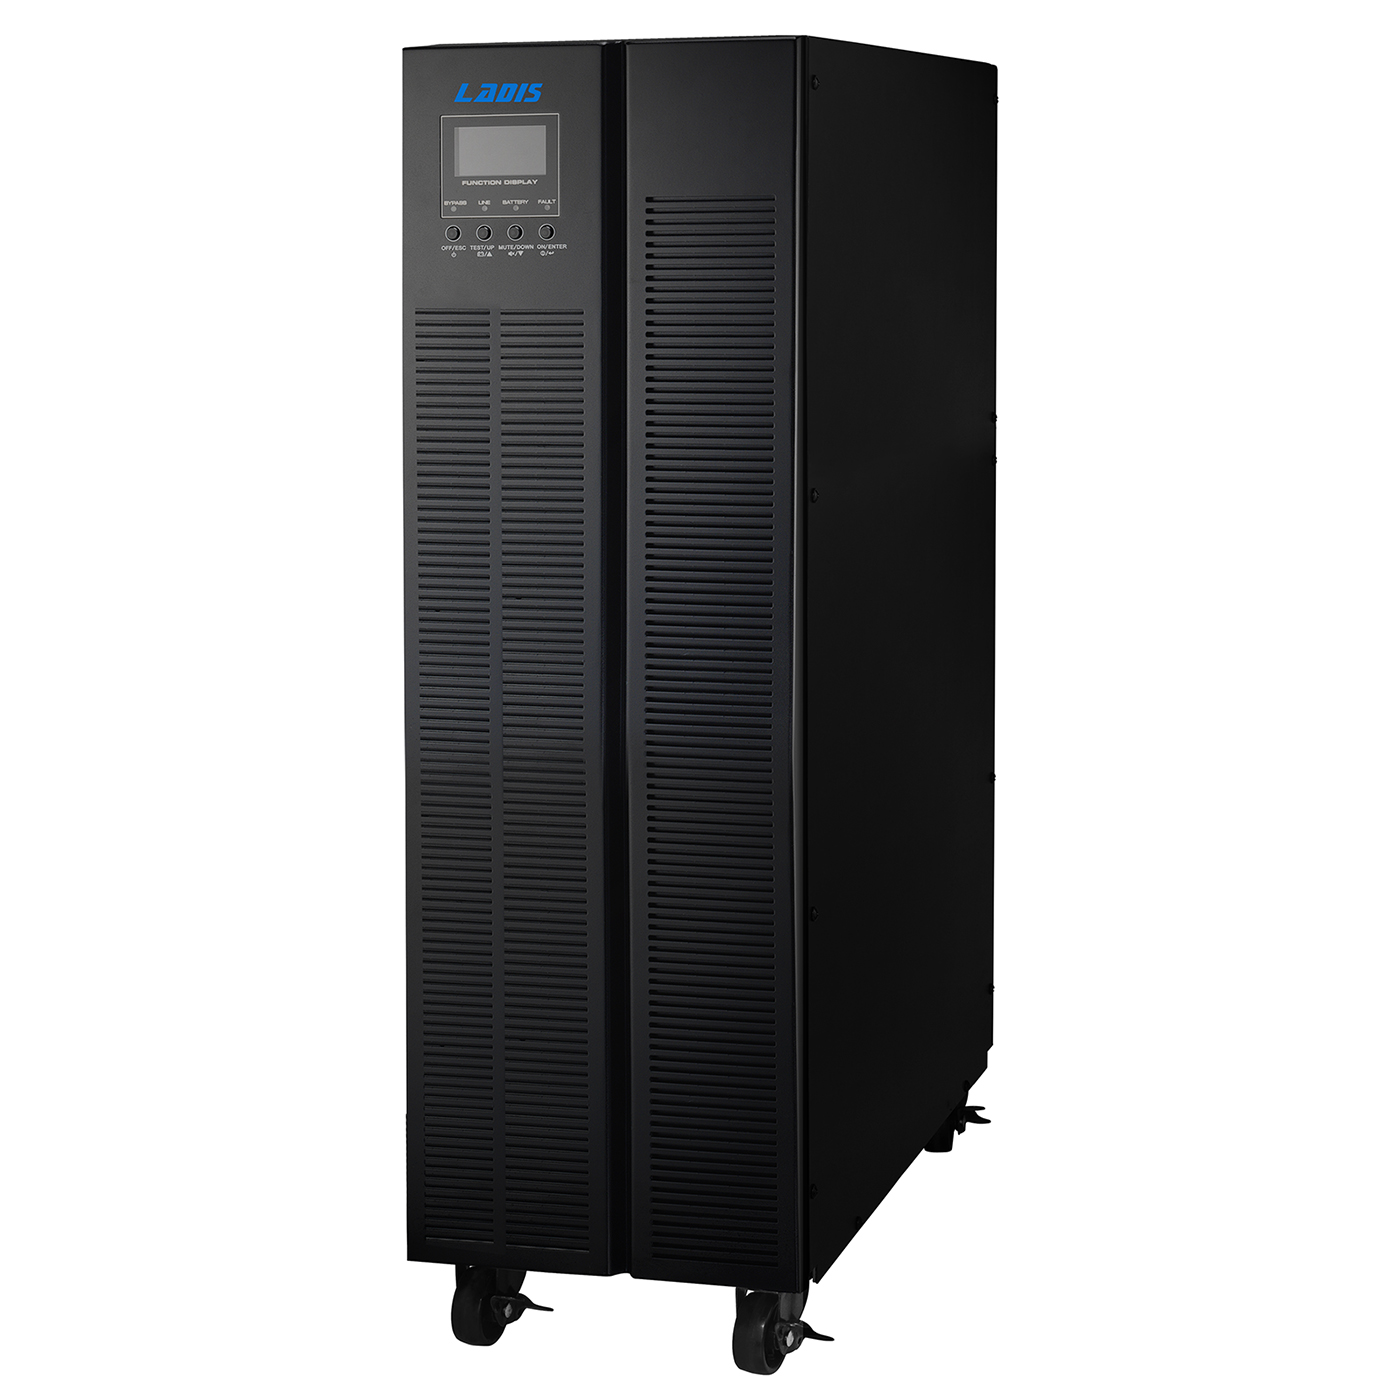 フランチェスコ-レディ司ups不間断電源G31L-20KLオンライン式20KVA16KW進線380V220Vオプション